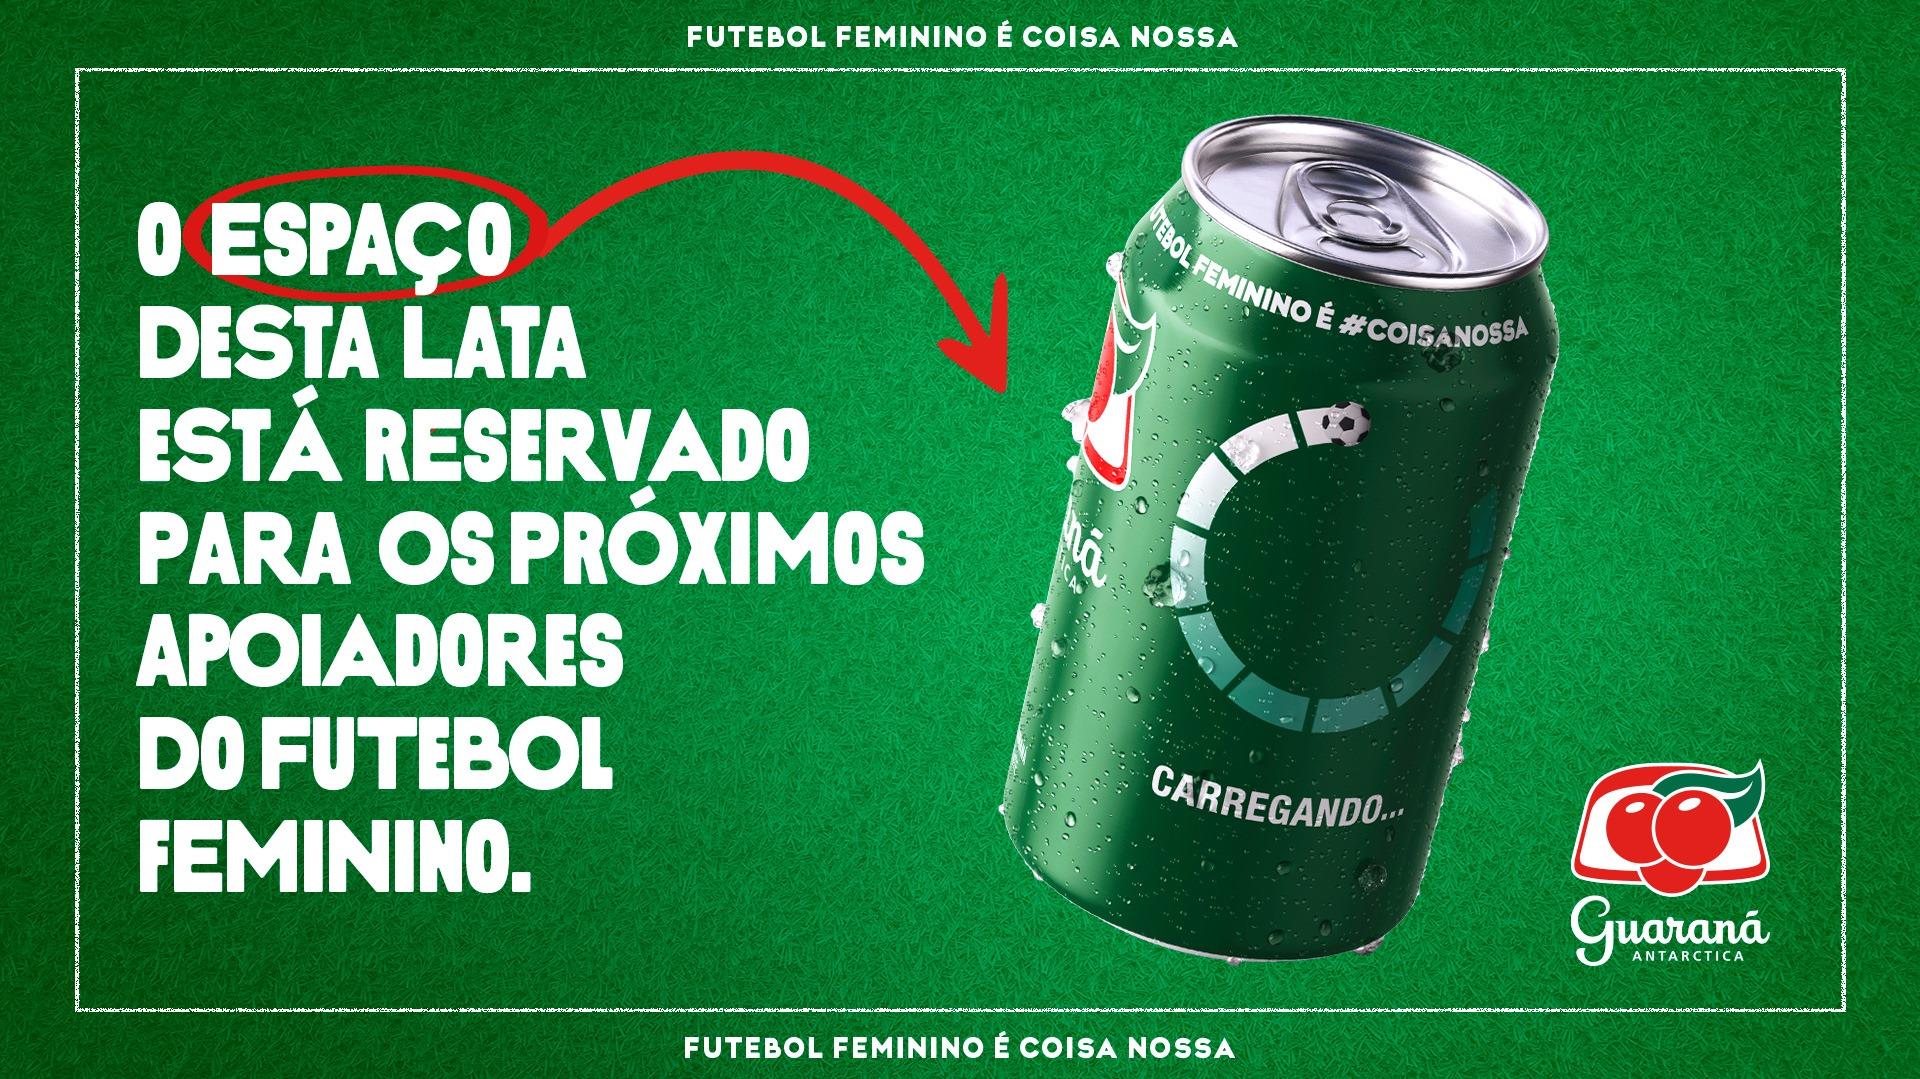 Revista CidadeMarketing cover image